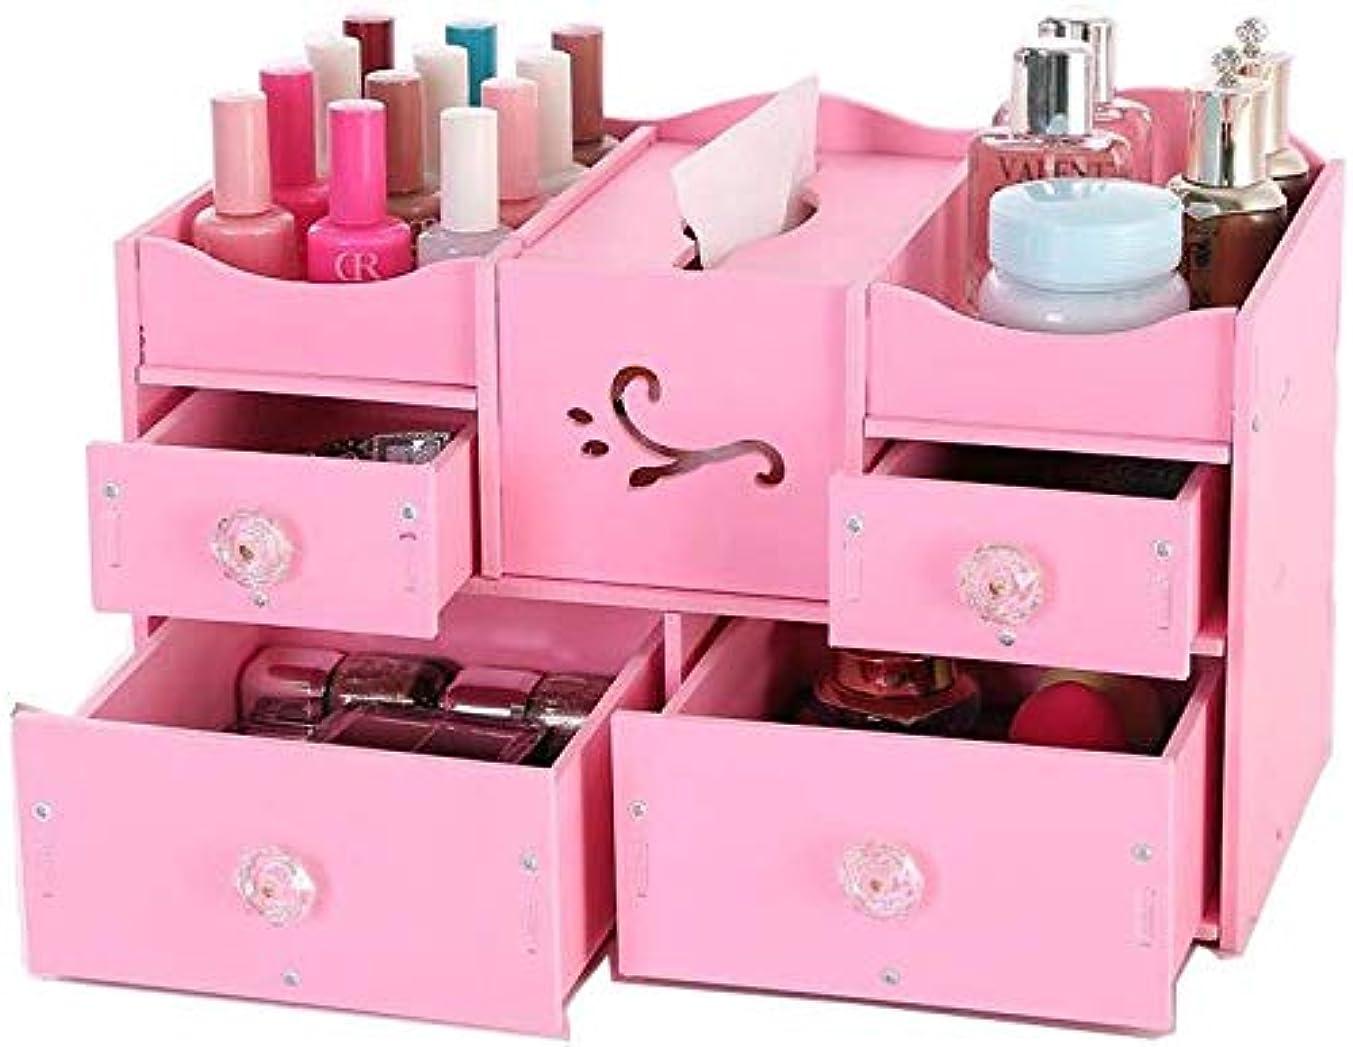 リベラル自然通信する化粧品オーガナイザー引き出しタイプ化粧品収納ボックス化粧台デスクトップ化粧品スキンケア収納ボックス仕上げボックス棚(色:PINK)